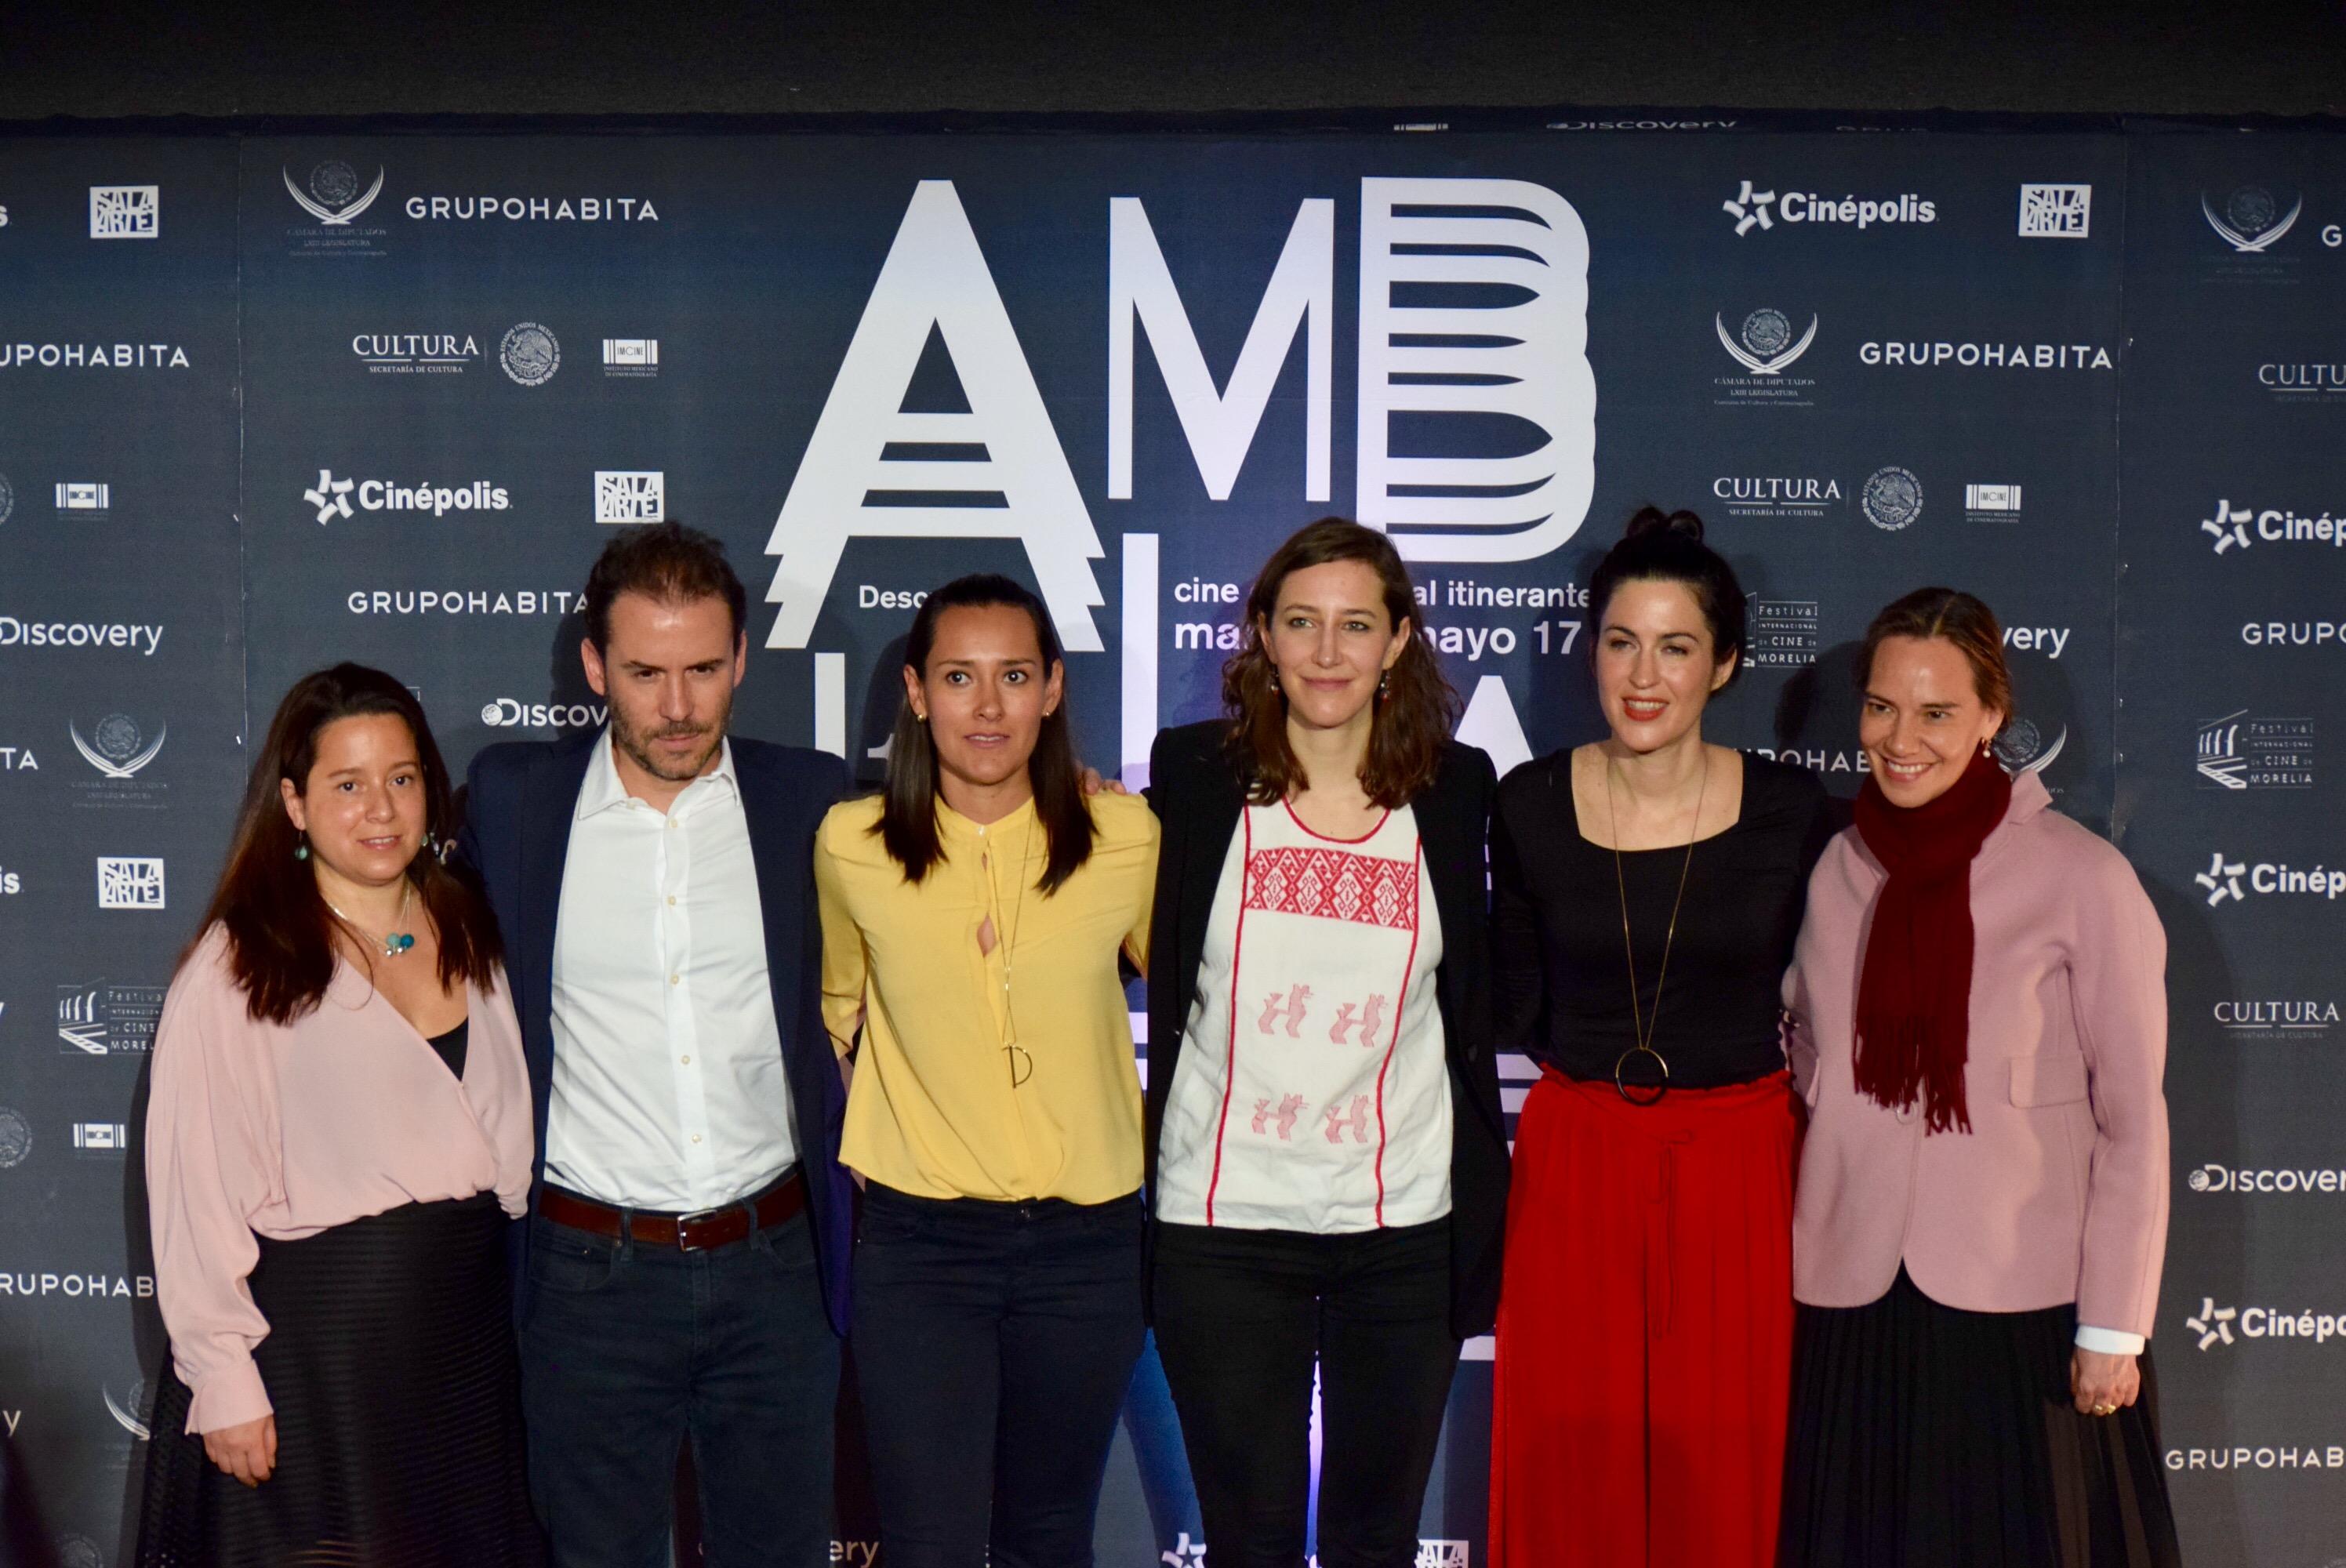 SE ACERCA LA 13° EDICIÓN DE LA GIRA DE DOCUMENTALES AMBULANTE